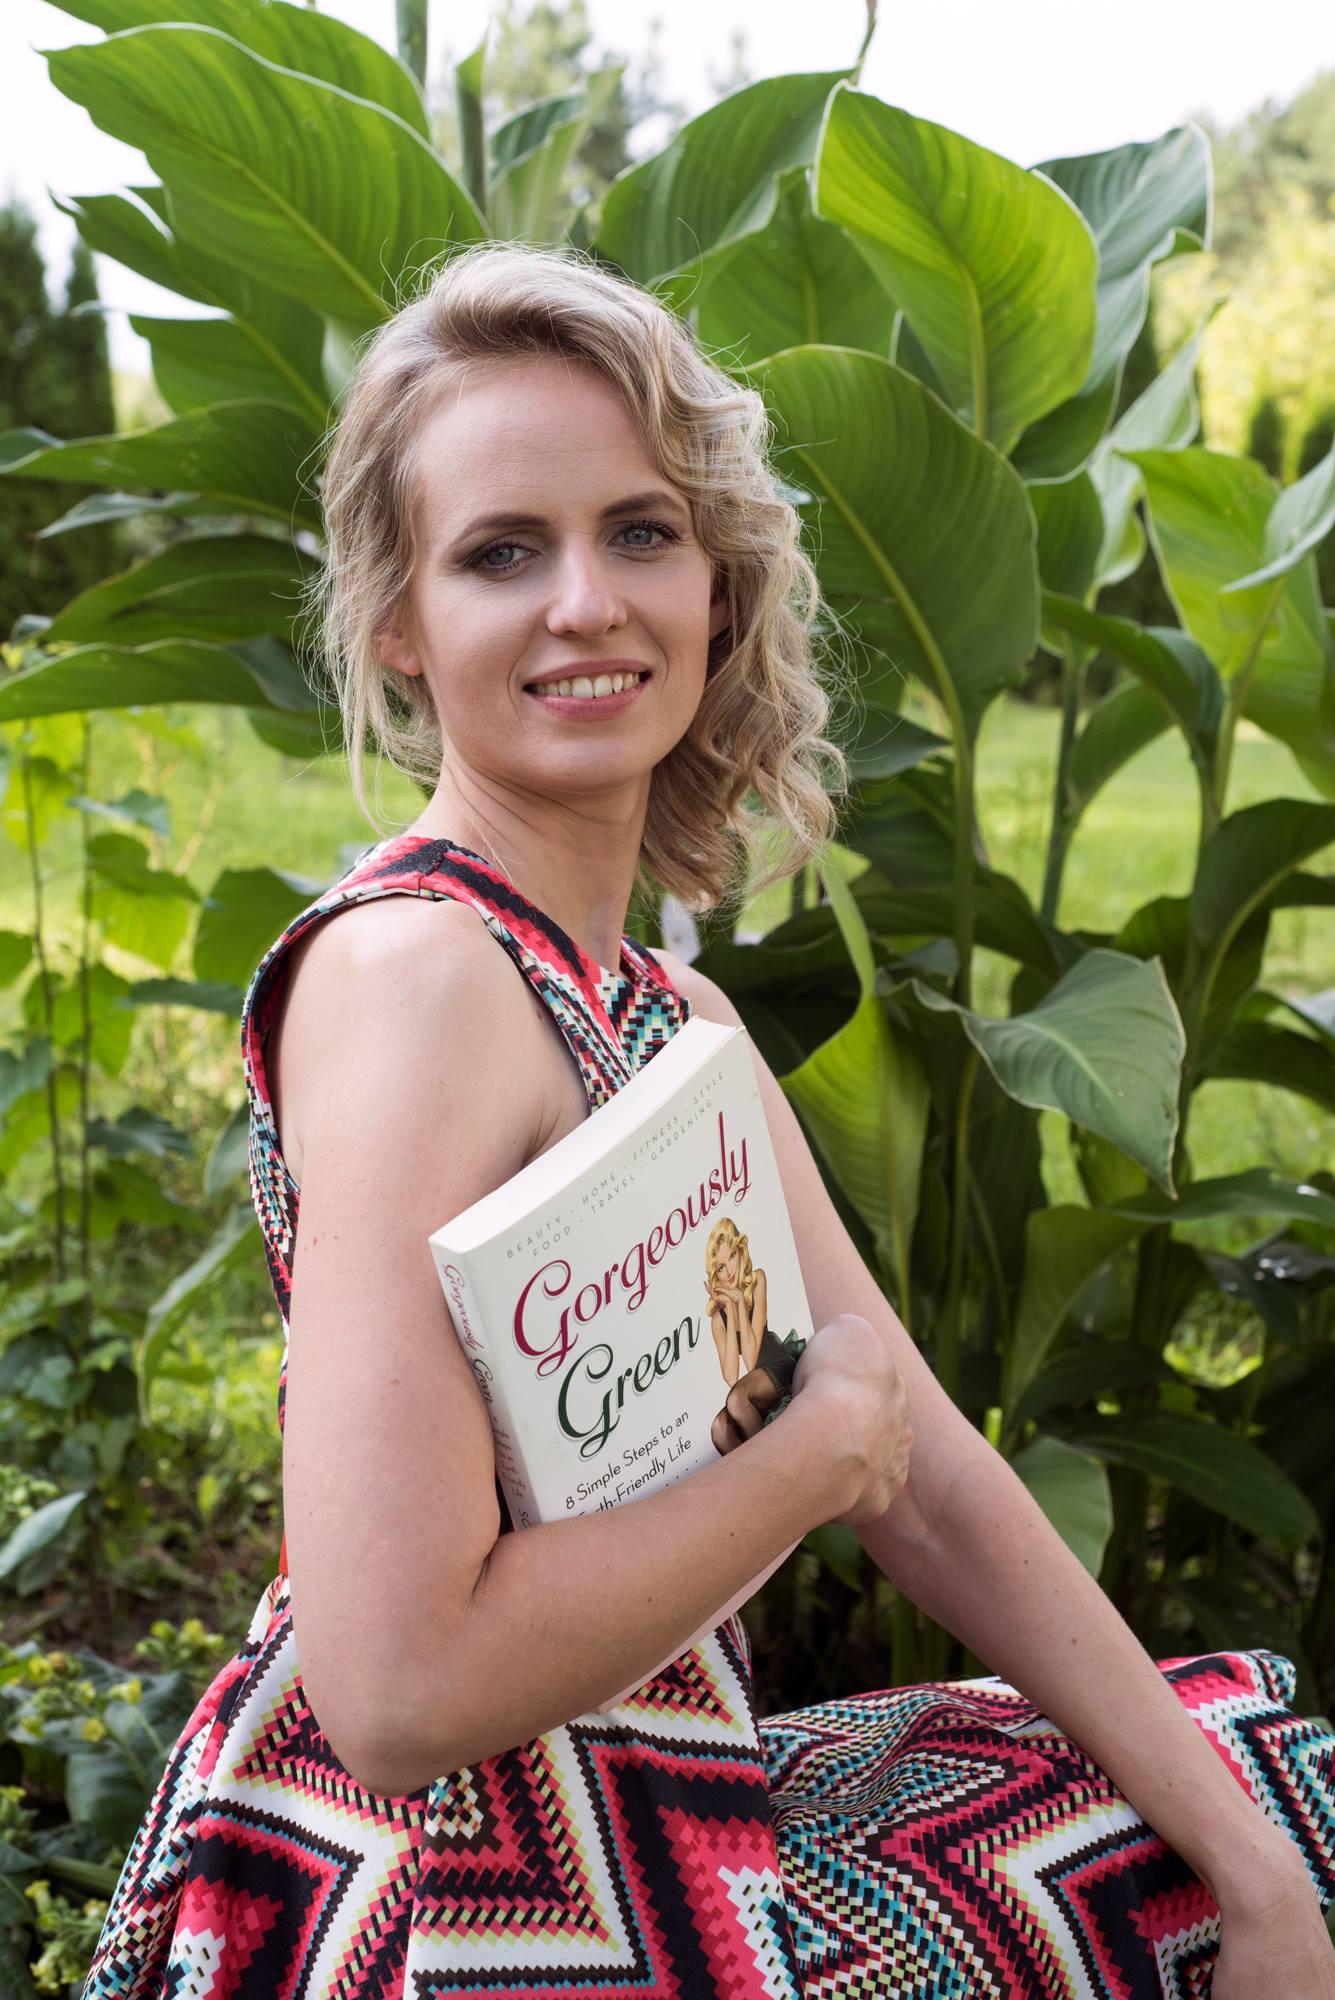 Mitybos specialistė Kristina: nepainiokime švenčių su maistu ir gėrimais nukrautu stalu | sveikuoliai.lt nuotr.